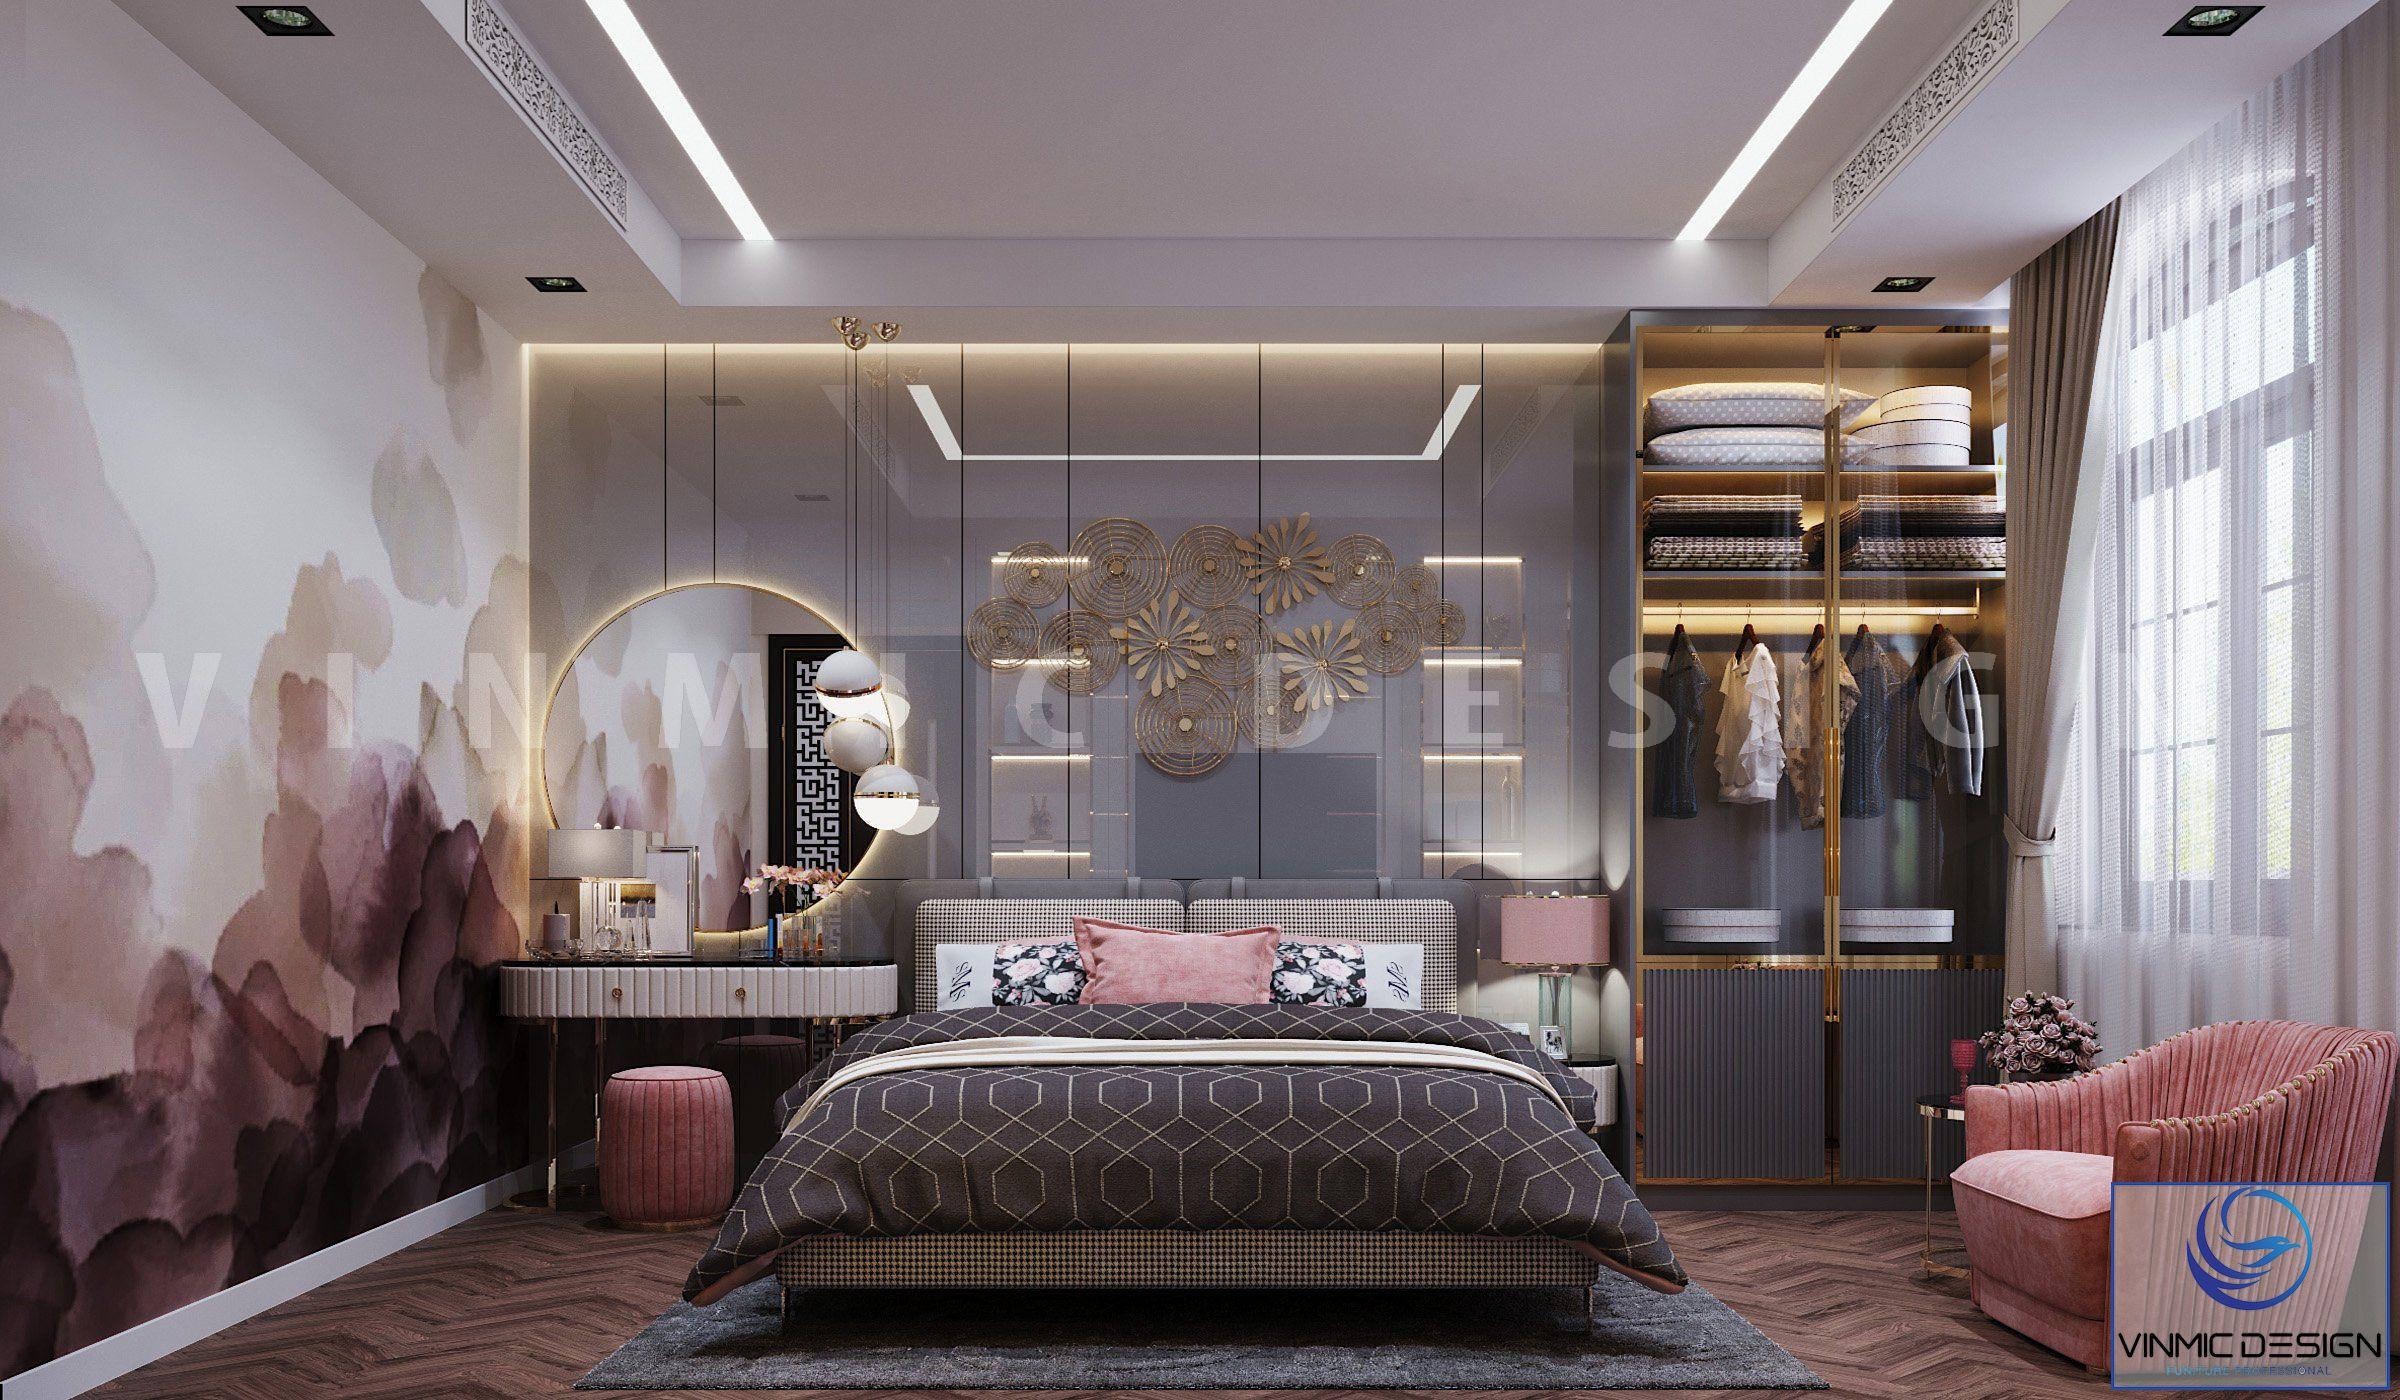 Thiết kế biệt thự đẹp với phòng ngủ bé gái hiện đại tại biệt thự Vinhomes Imperia Hải Phòng